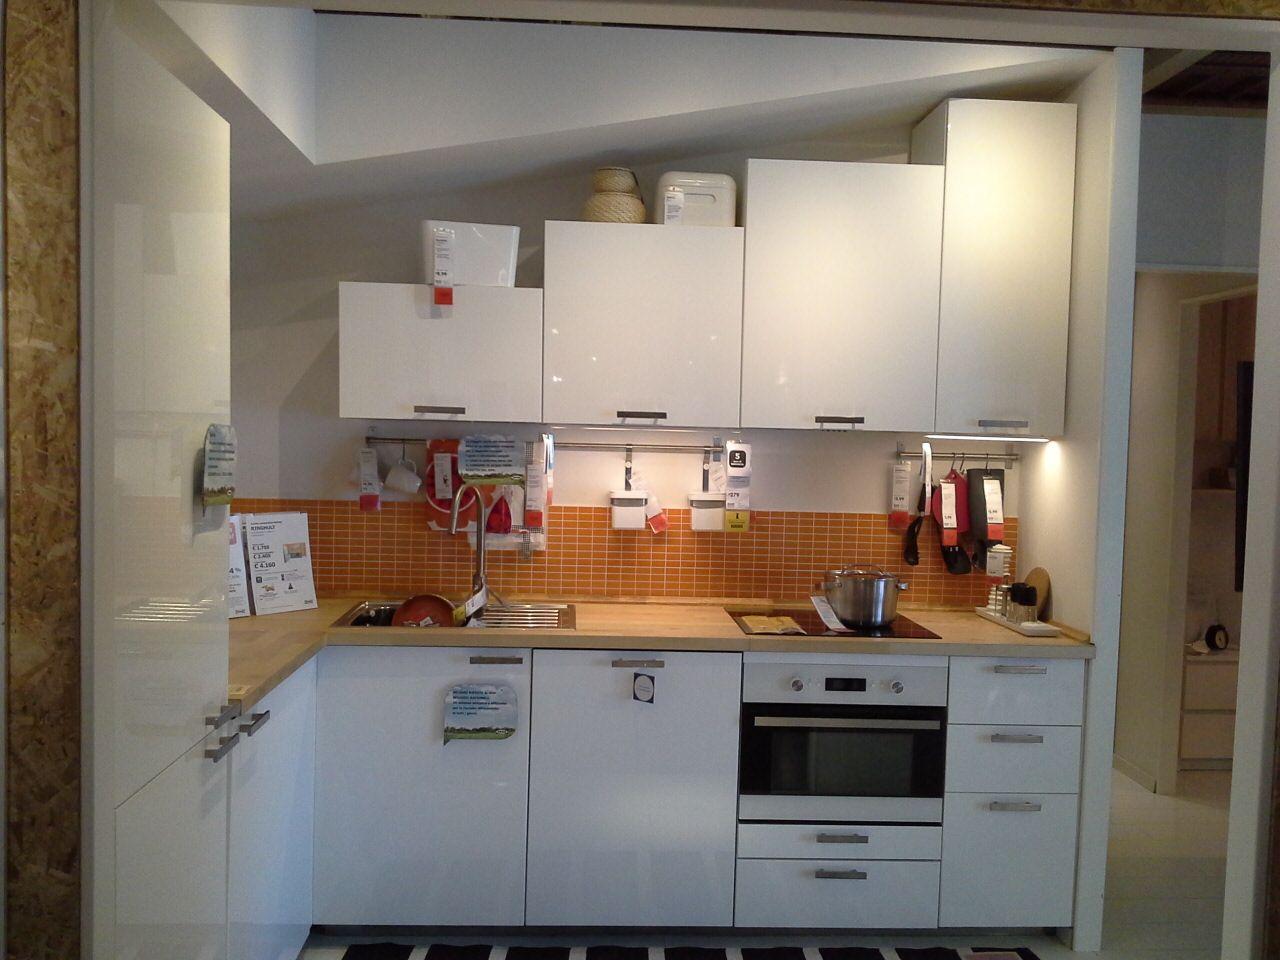 I pensili della cucina componibile ikea metod hanno - Ikea pensili cucina metod ...